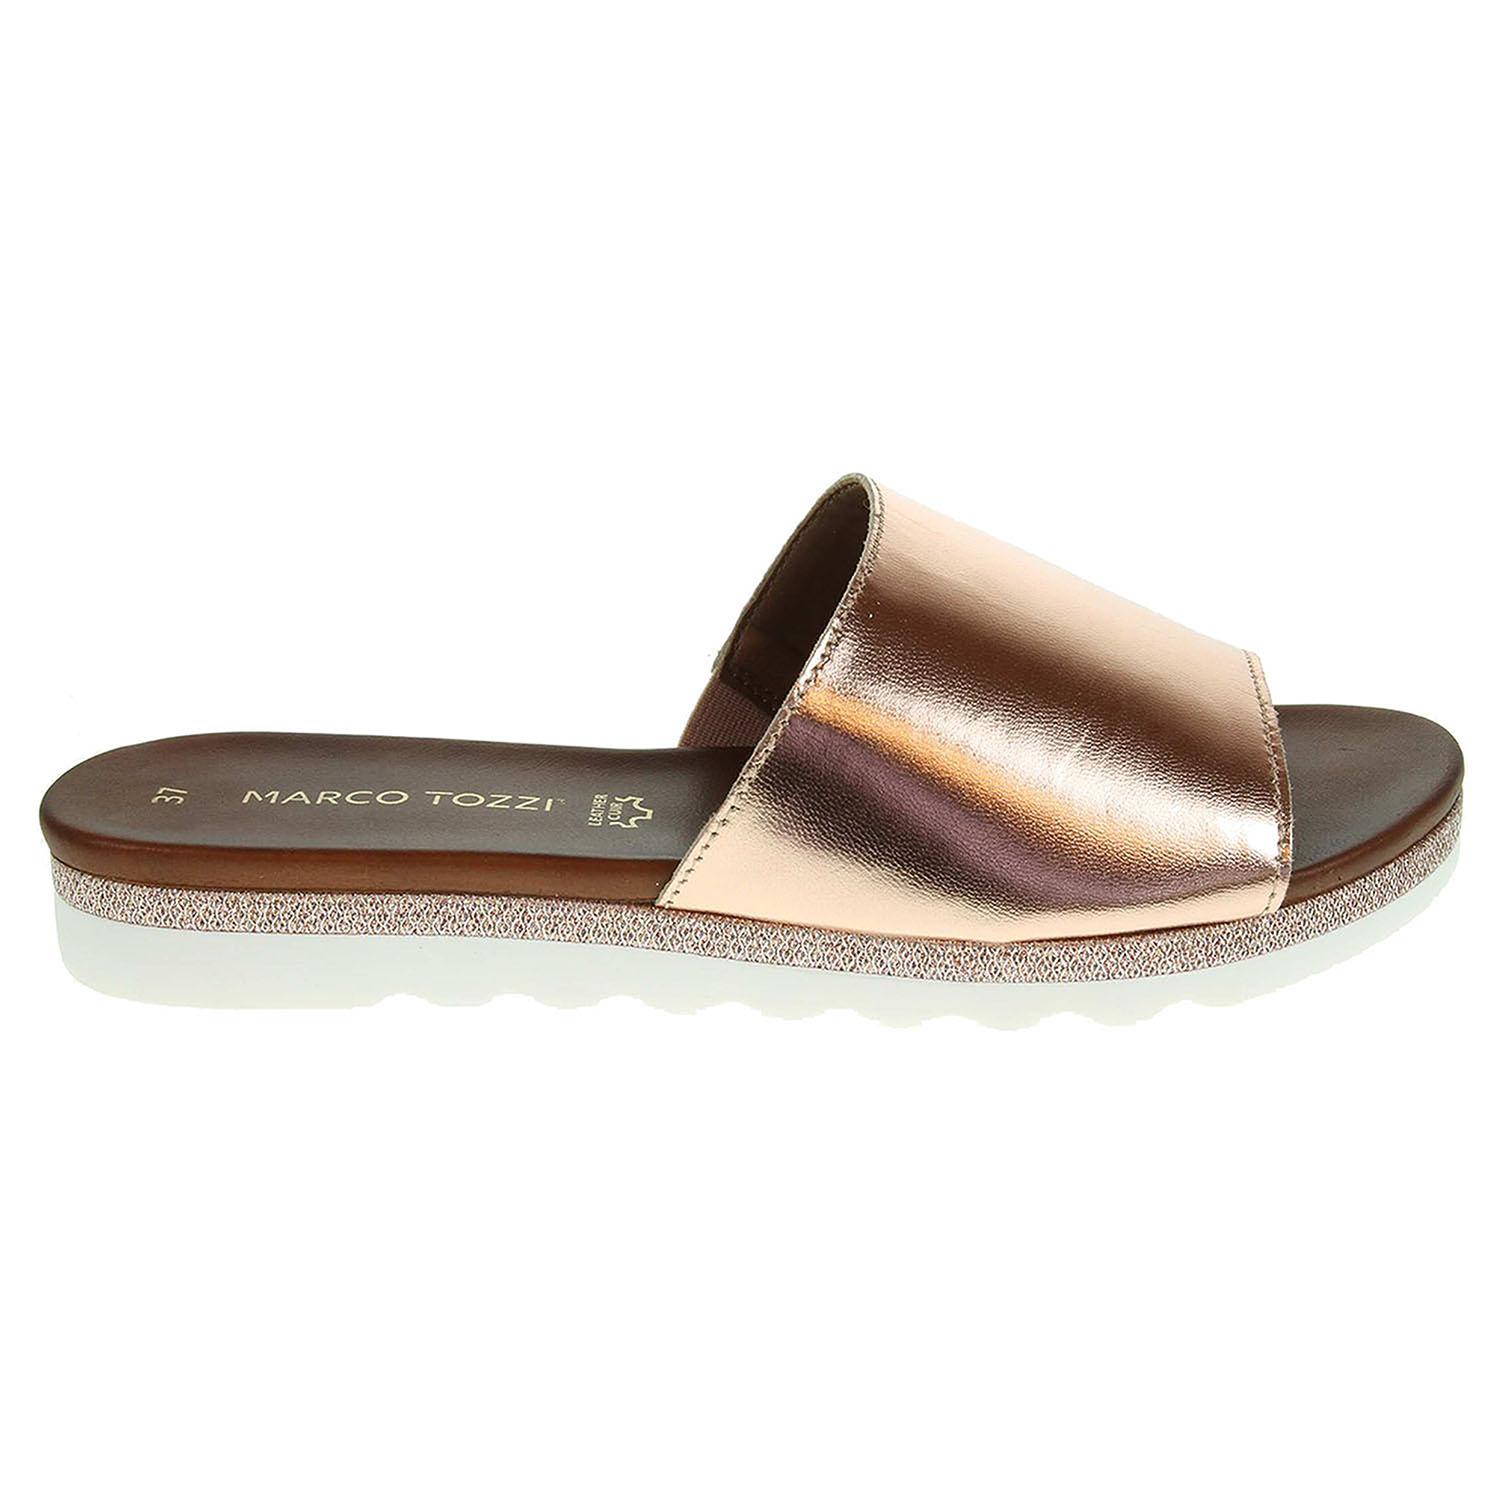 Ecco Marco Tozzi dámské pantofle 2-27115-28 růžové 23600817